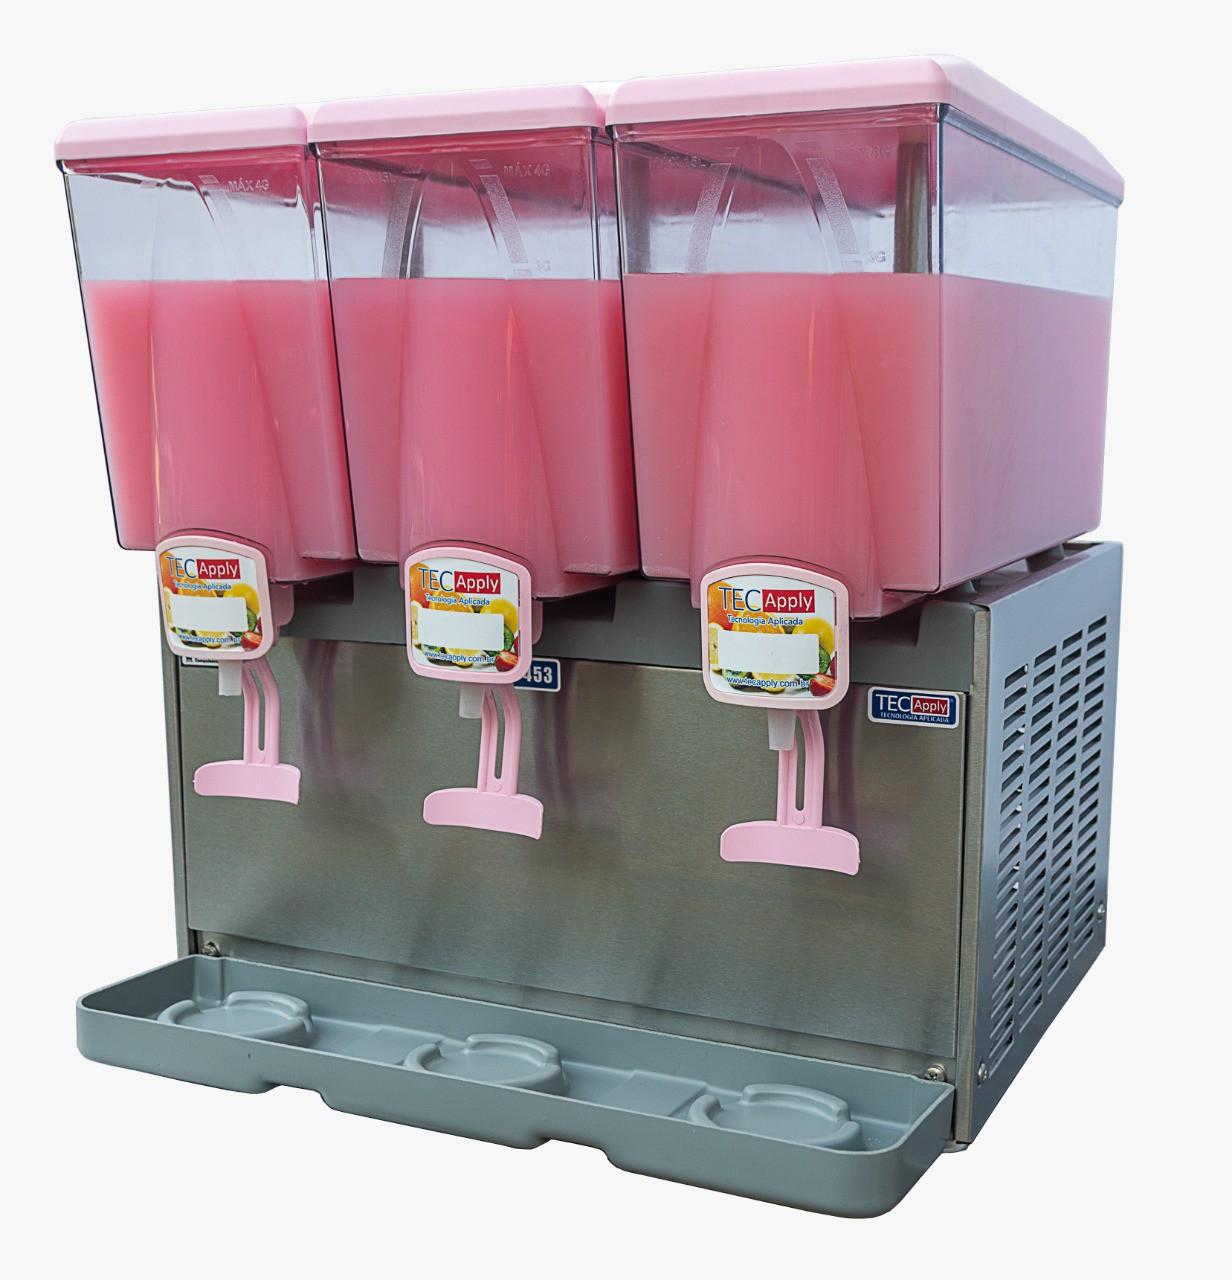 Refresqueira Suqueira 3 Cubas 45 Litros TECCAPLY